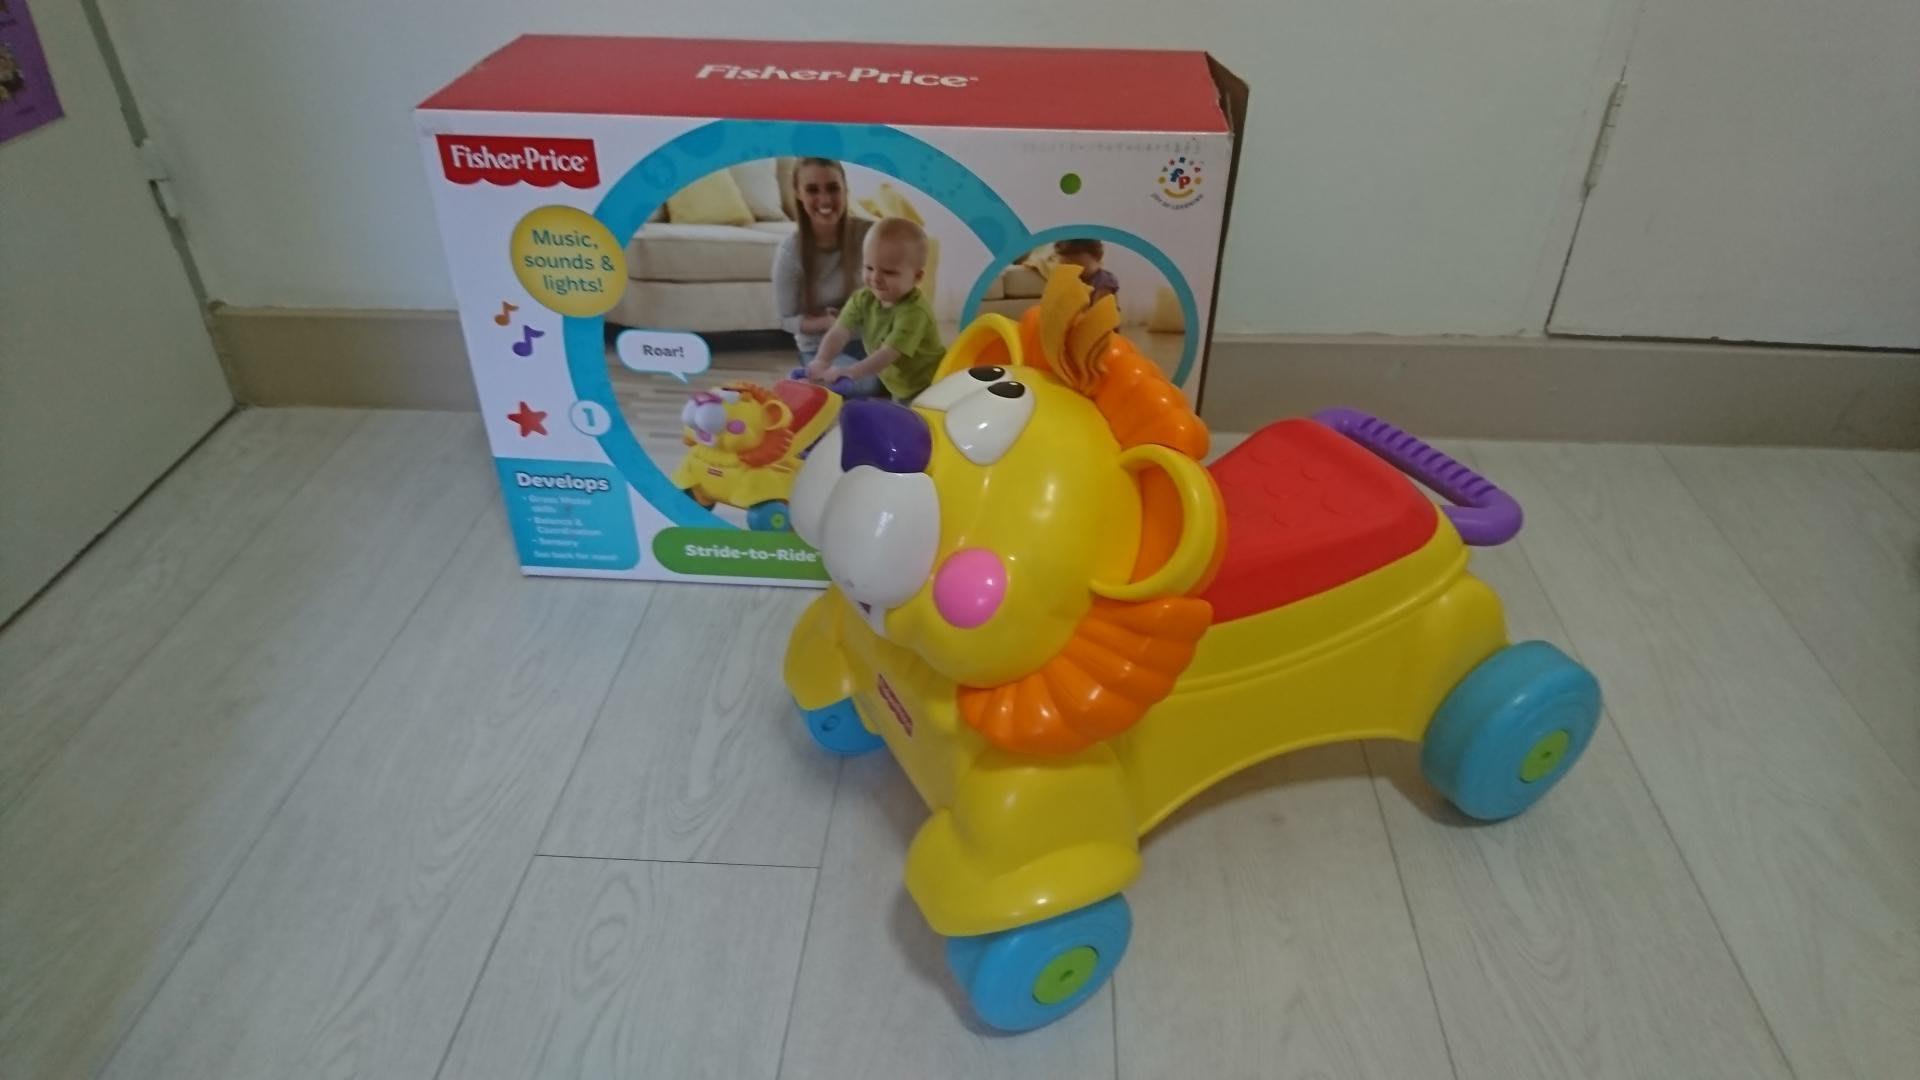 費雪 Fisher-Price 獅子聲光音樂學步車 可坐可扶兩用學步車 寶寶必買好用學步 八成新 只在家裡用